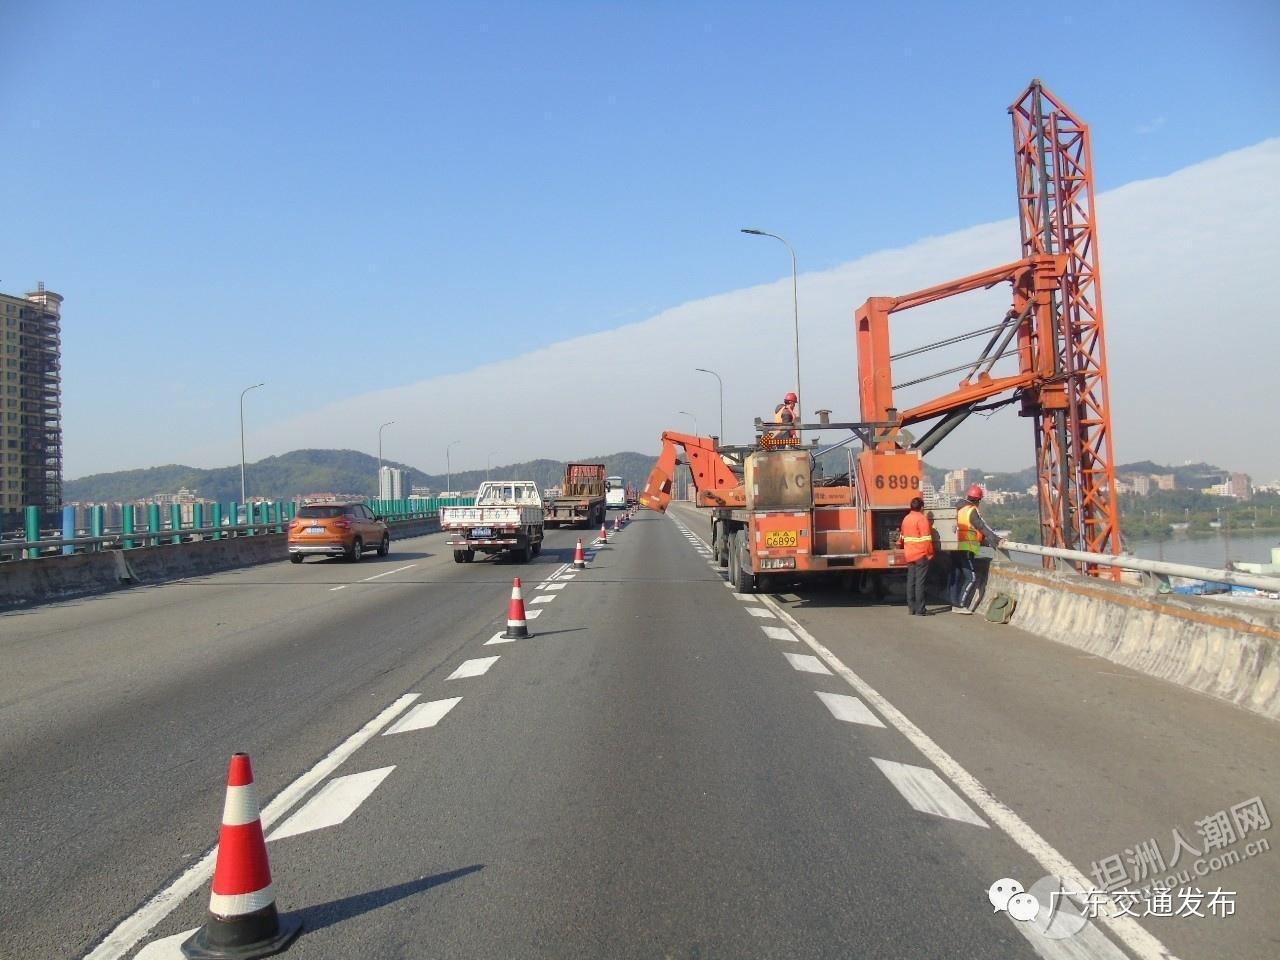 @坦洲司机注意:紧急通知!虎门大桥深圳方向将封闭!时间是……